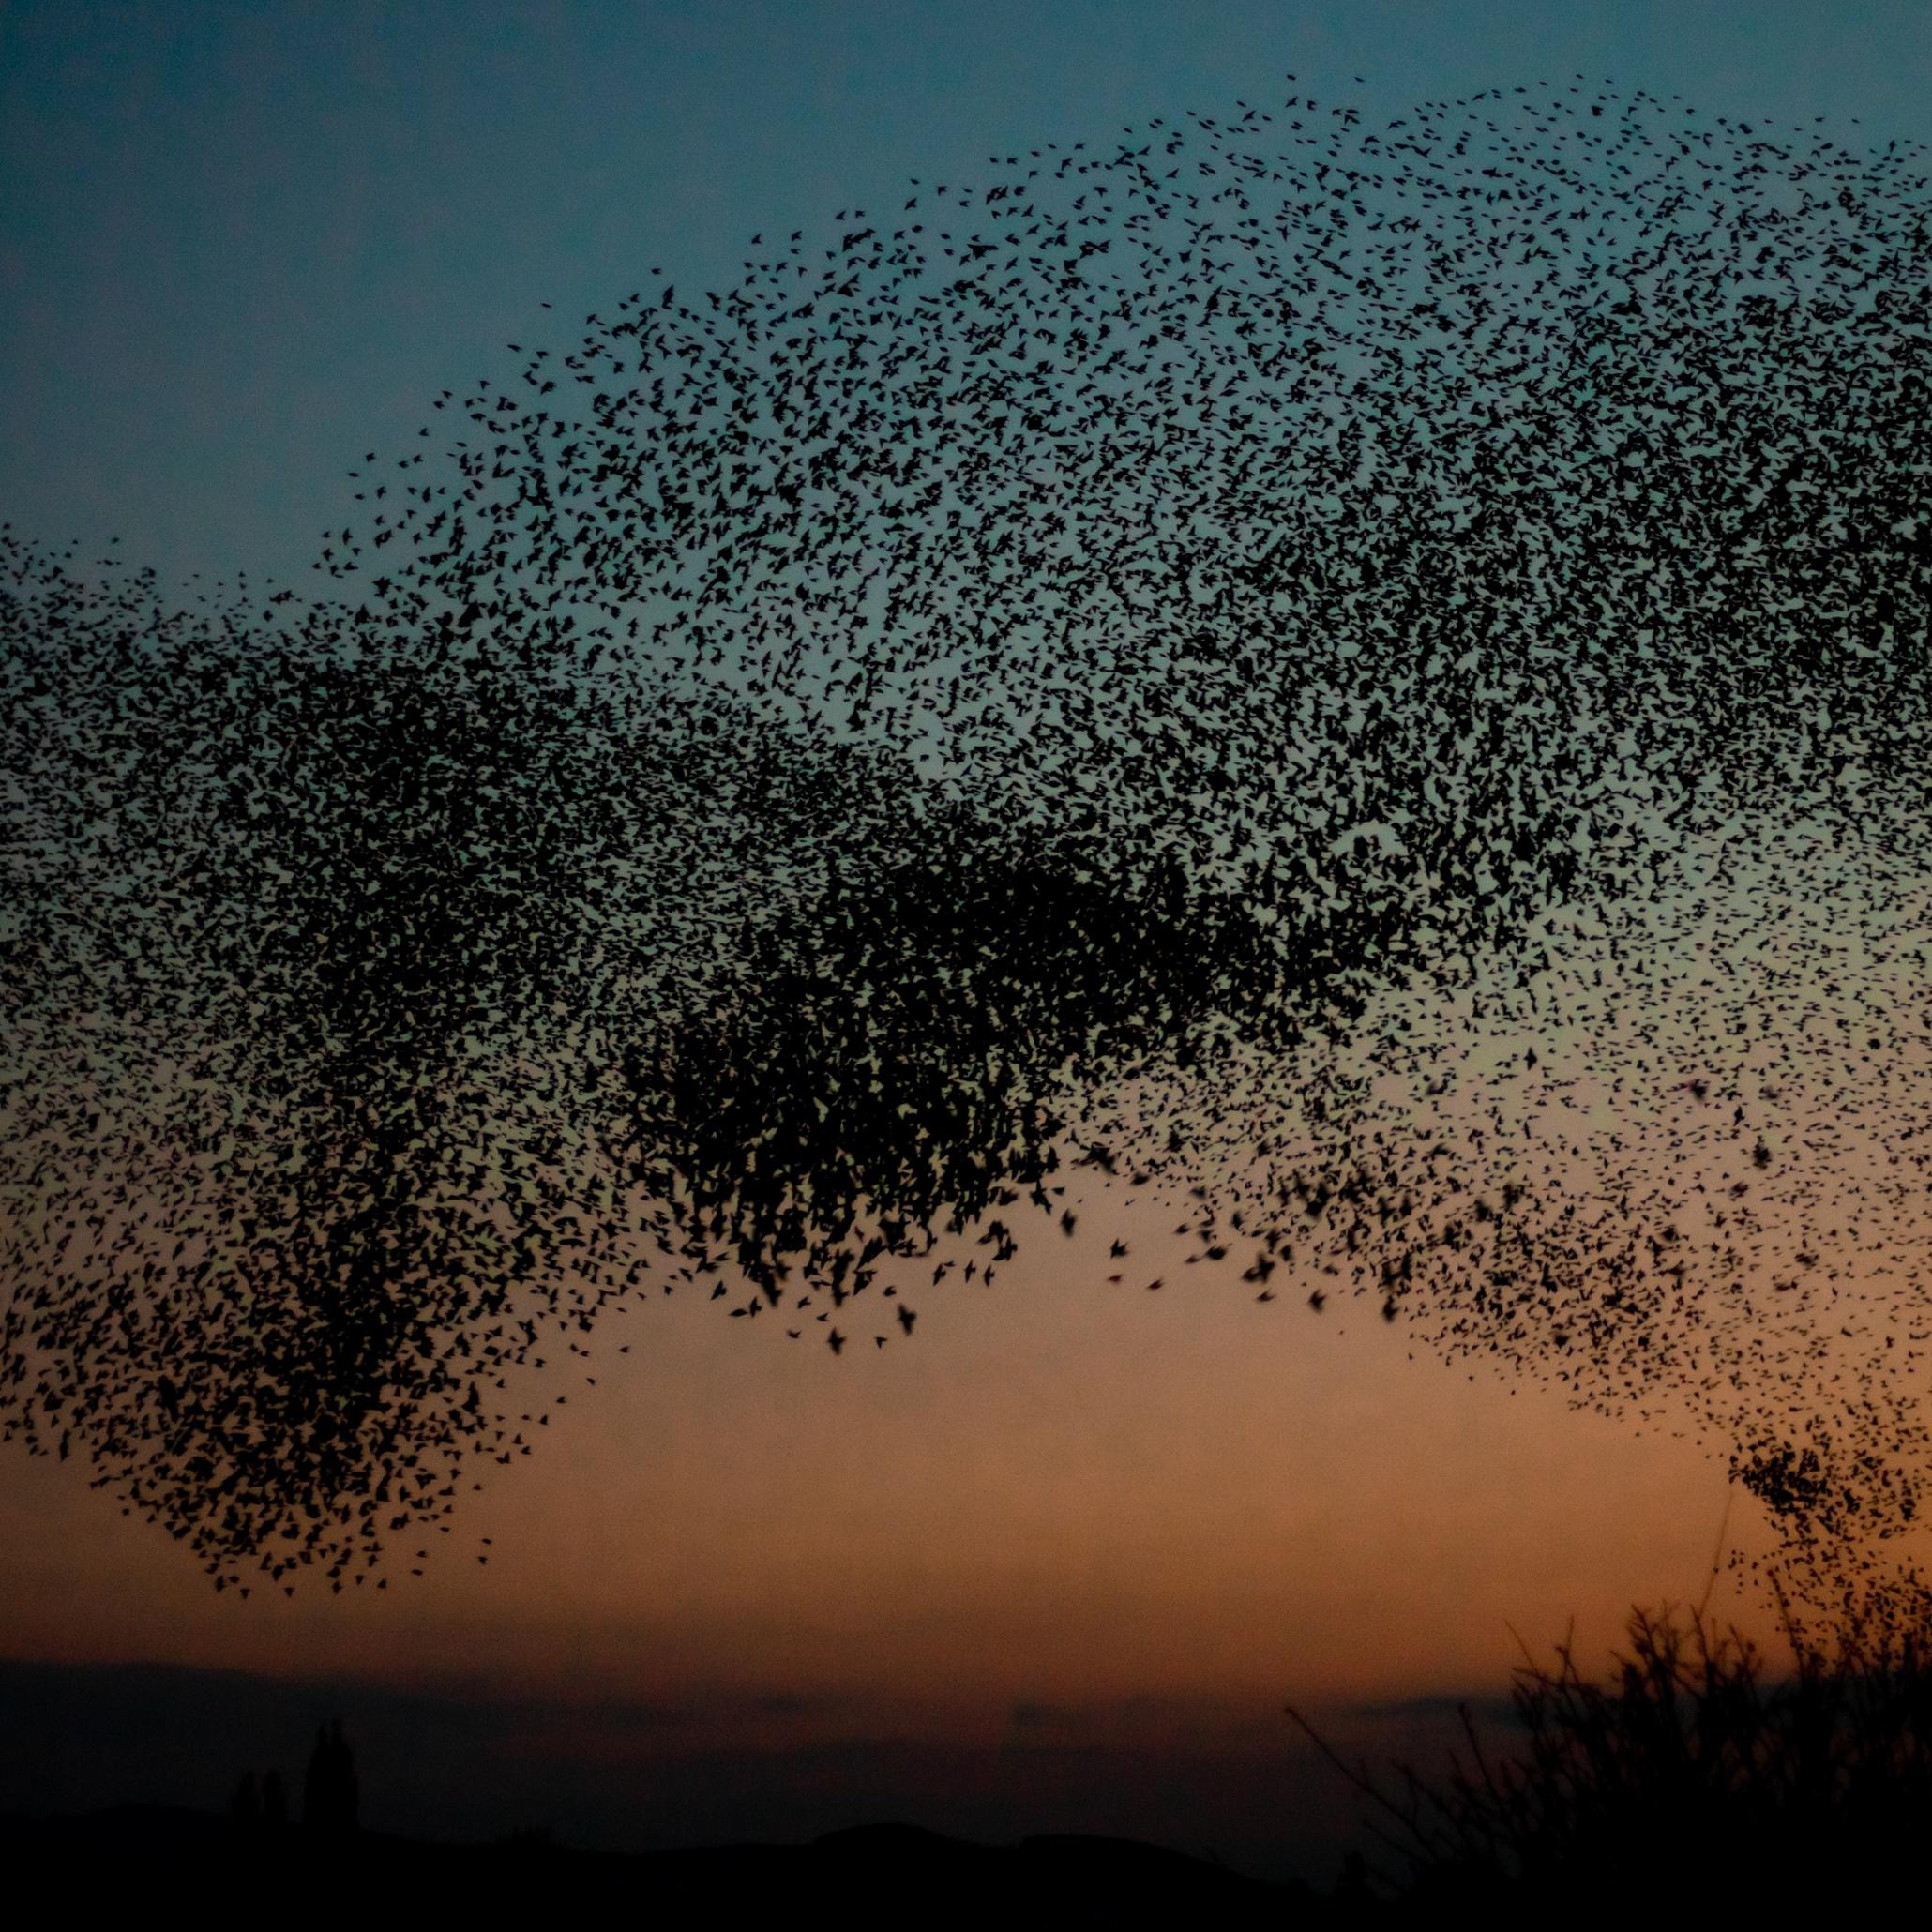 Murmuration: Starling Murmuration Season - In Pictures